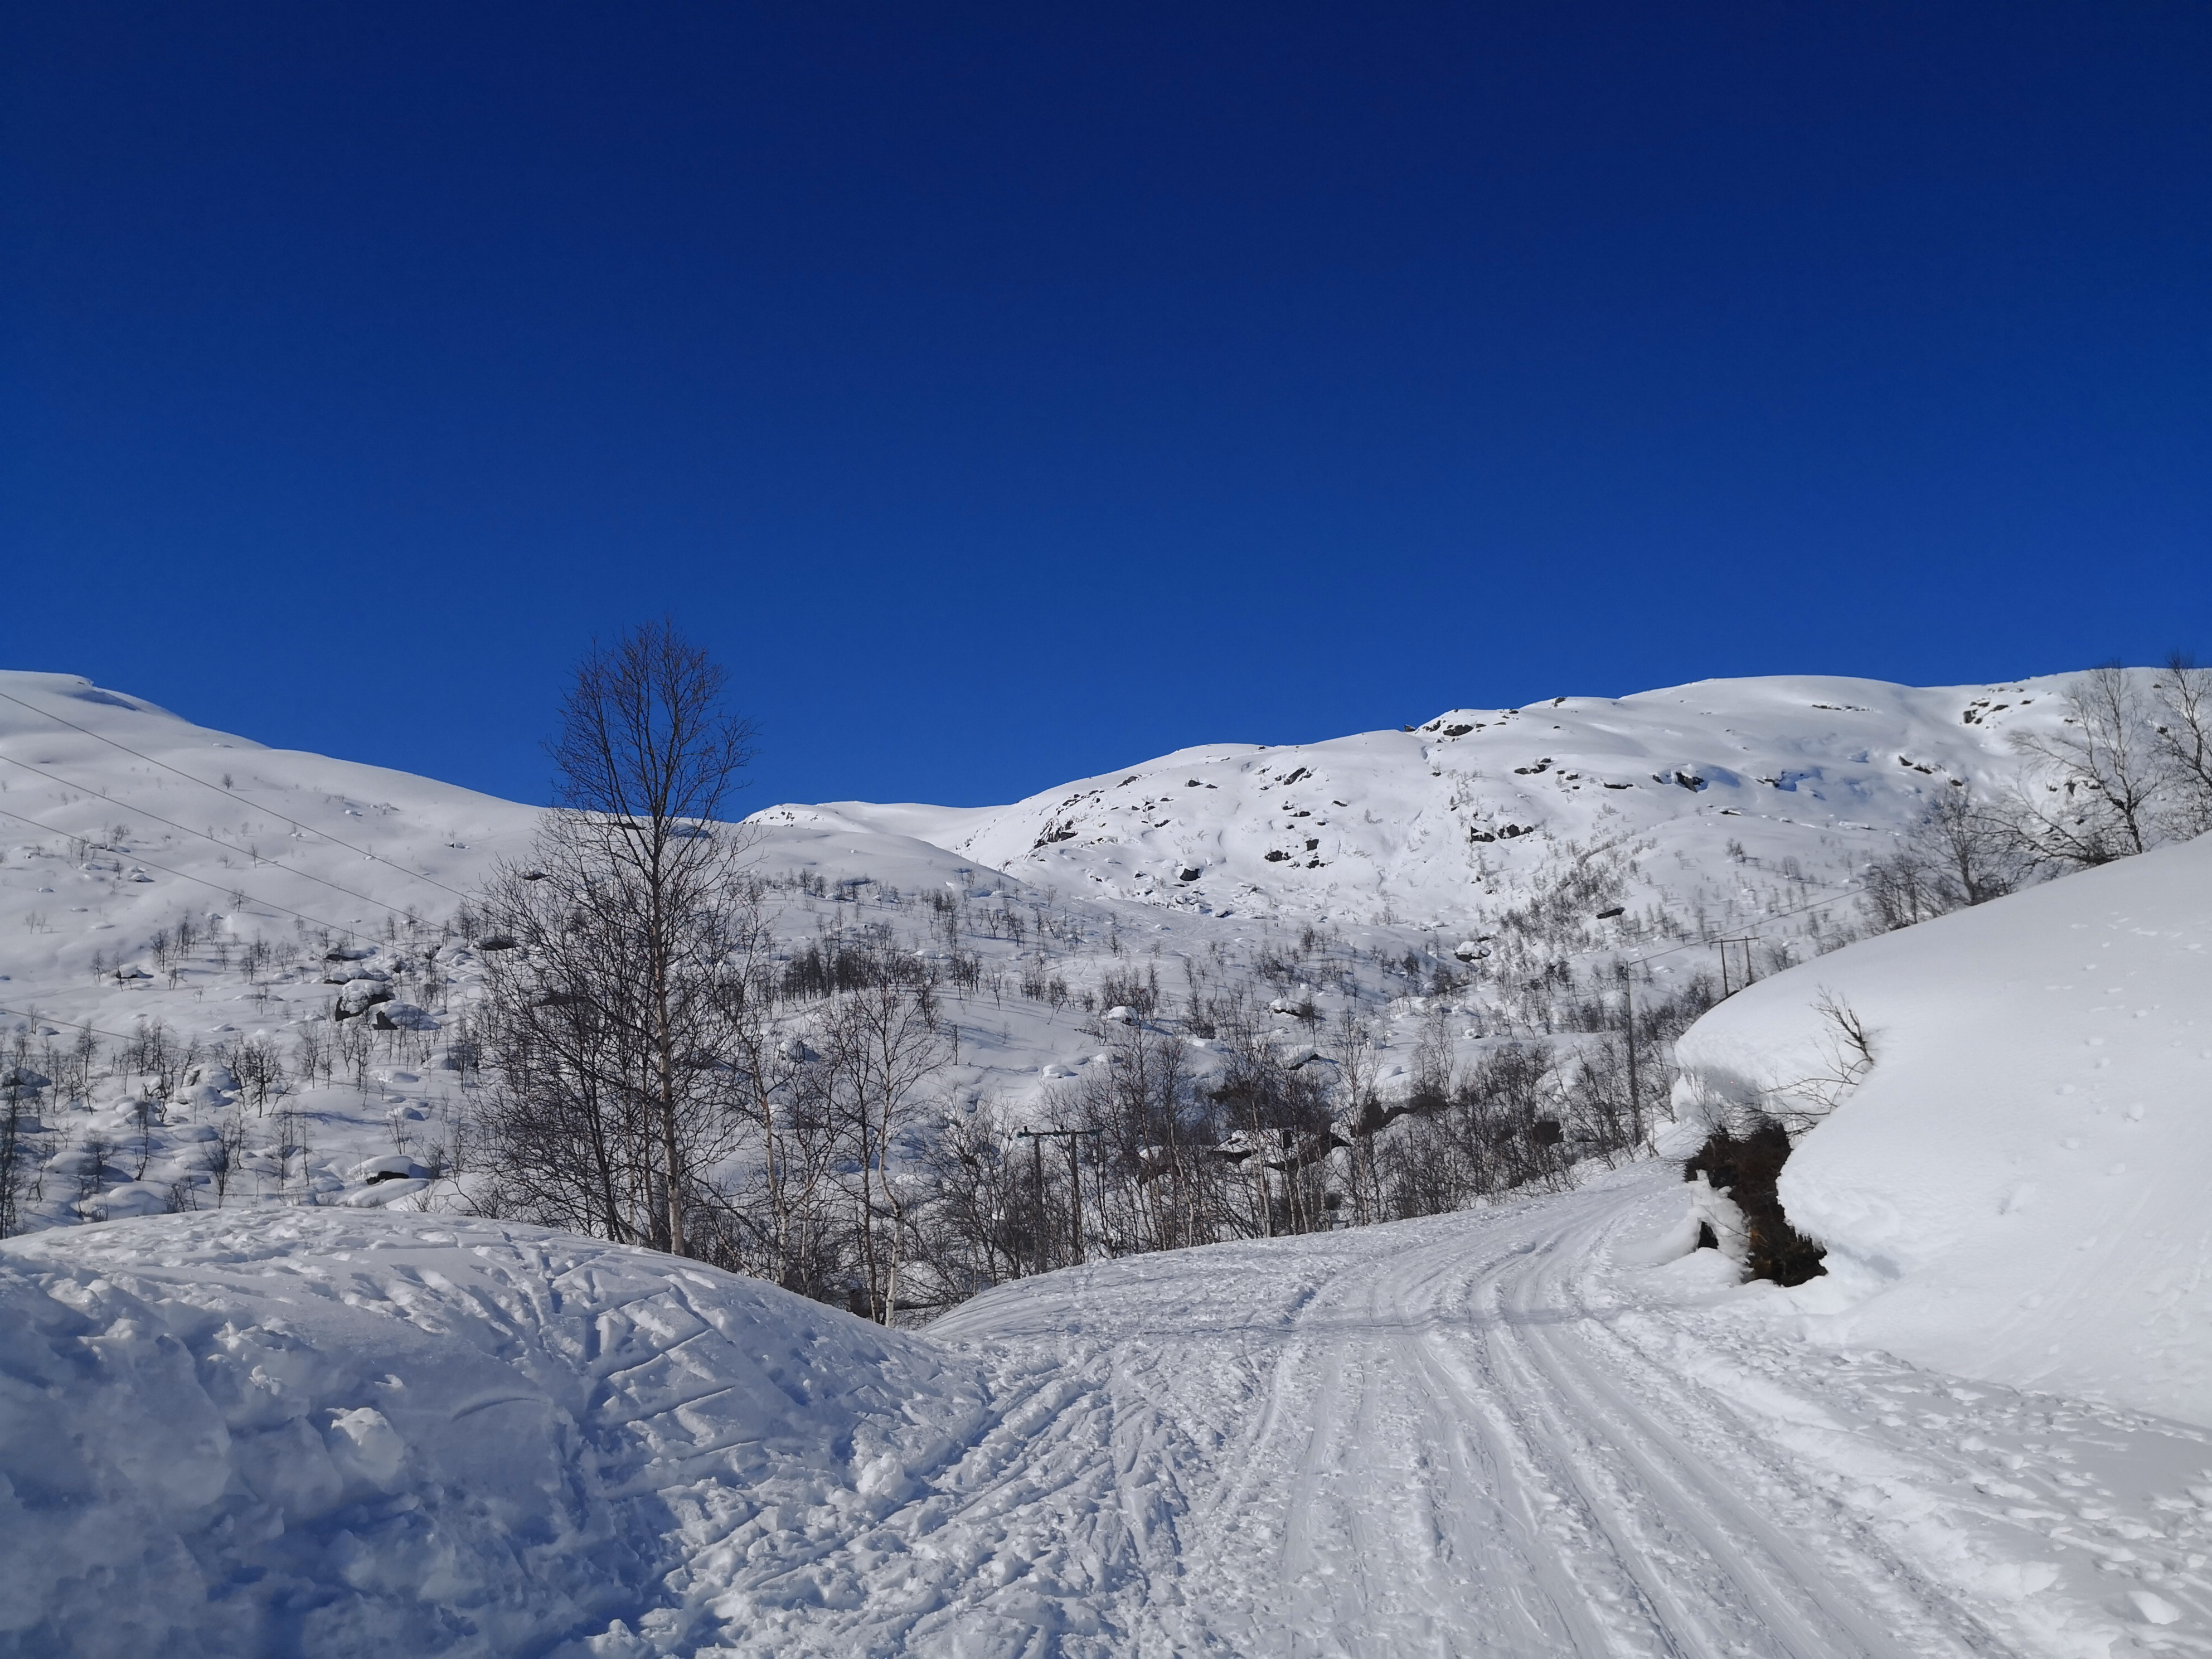 På ski opp til hytten